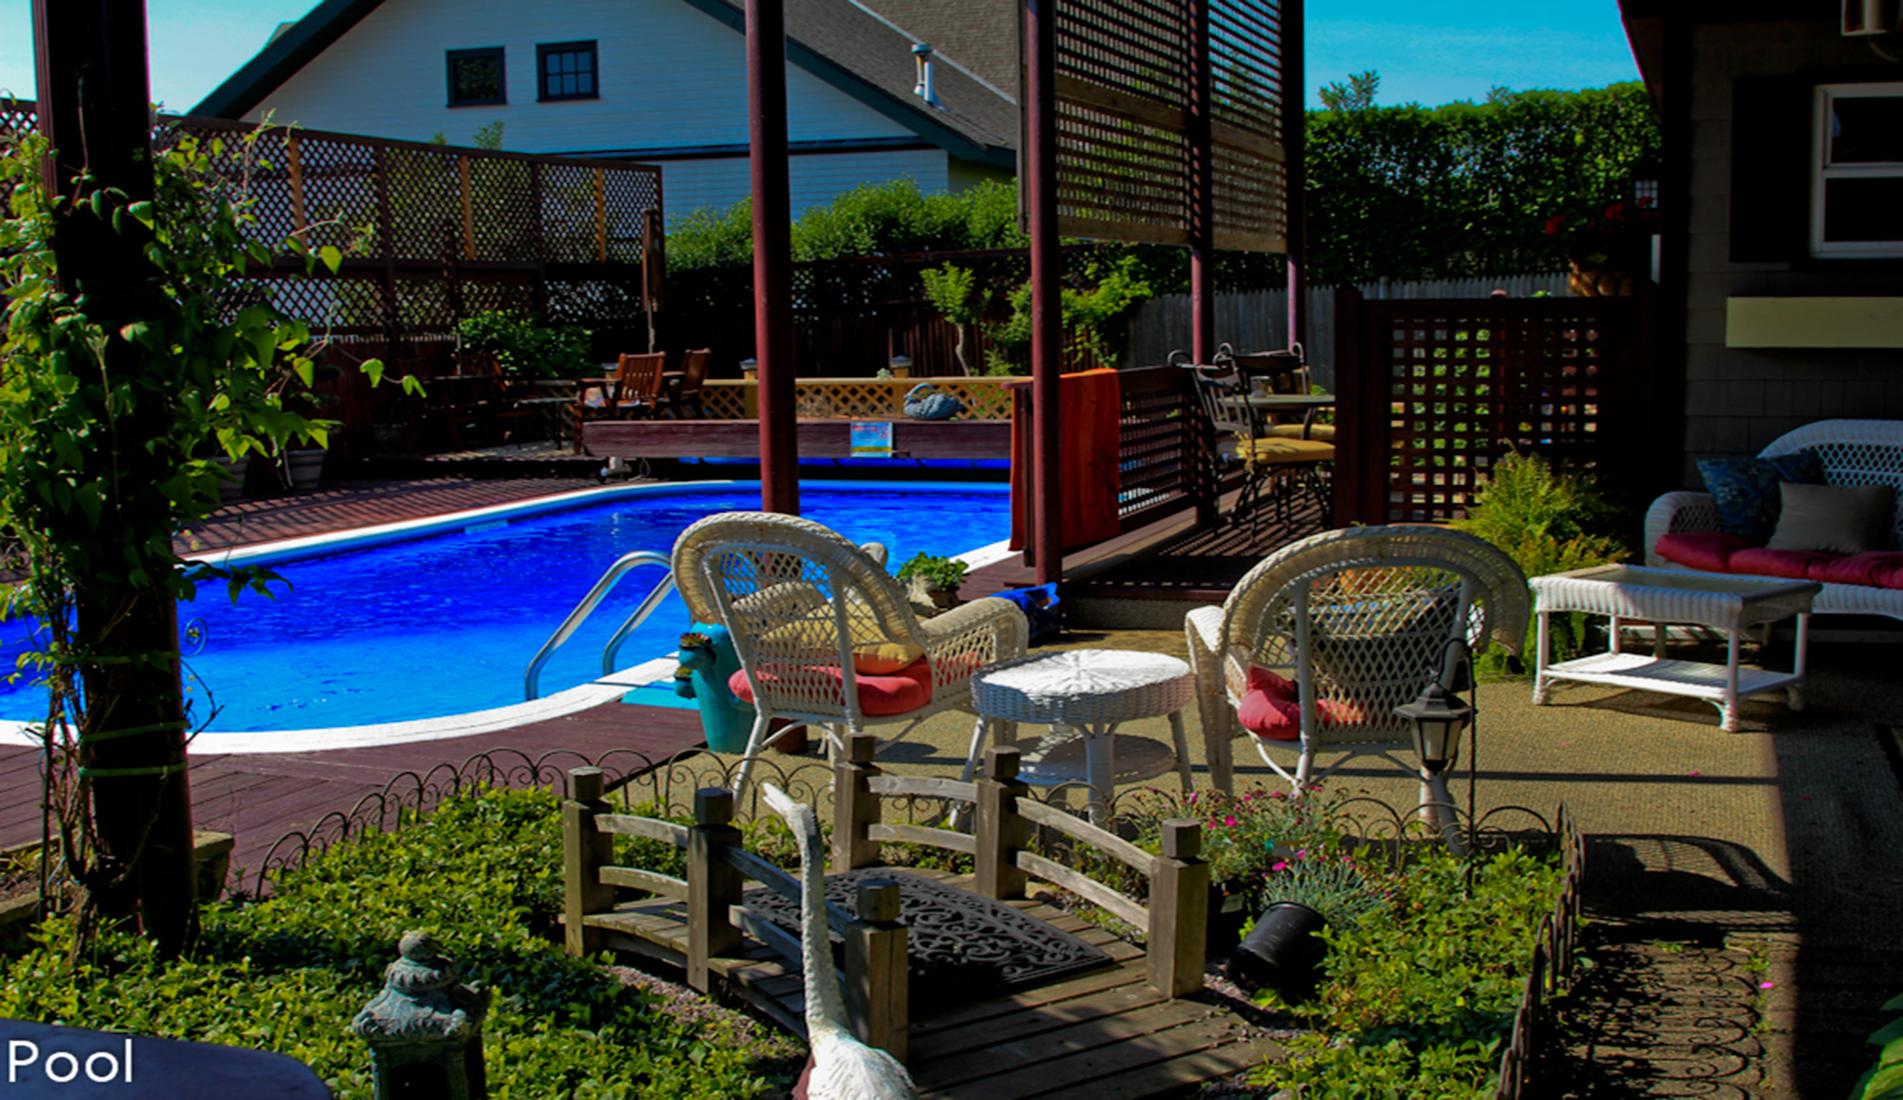 breakfast and att design deals rhode wine ri of island bedroom bed newport photo x amazing strawberries